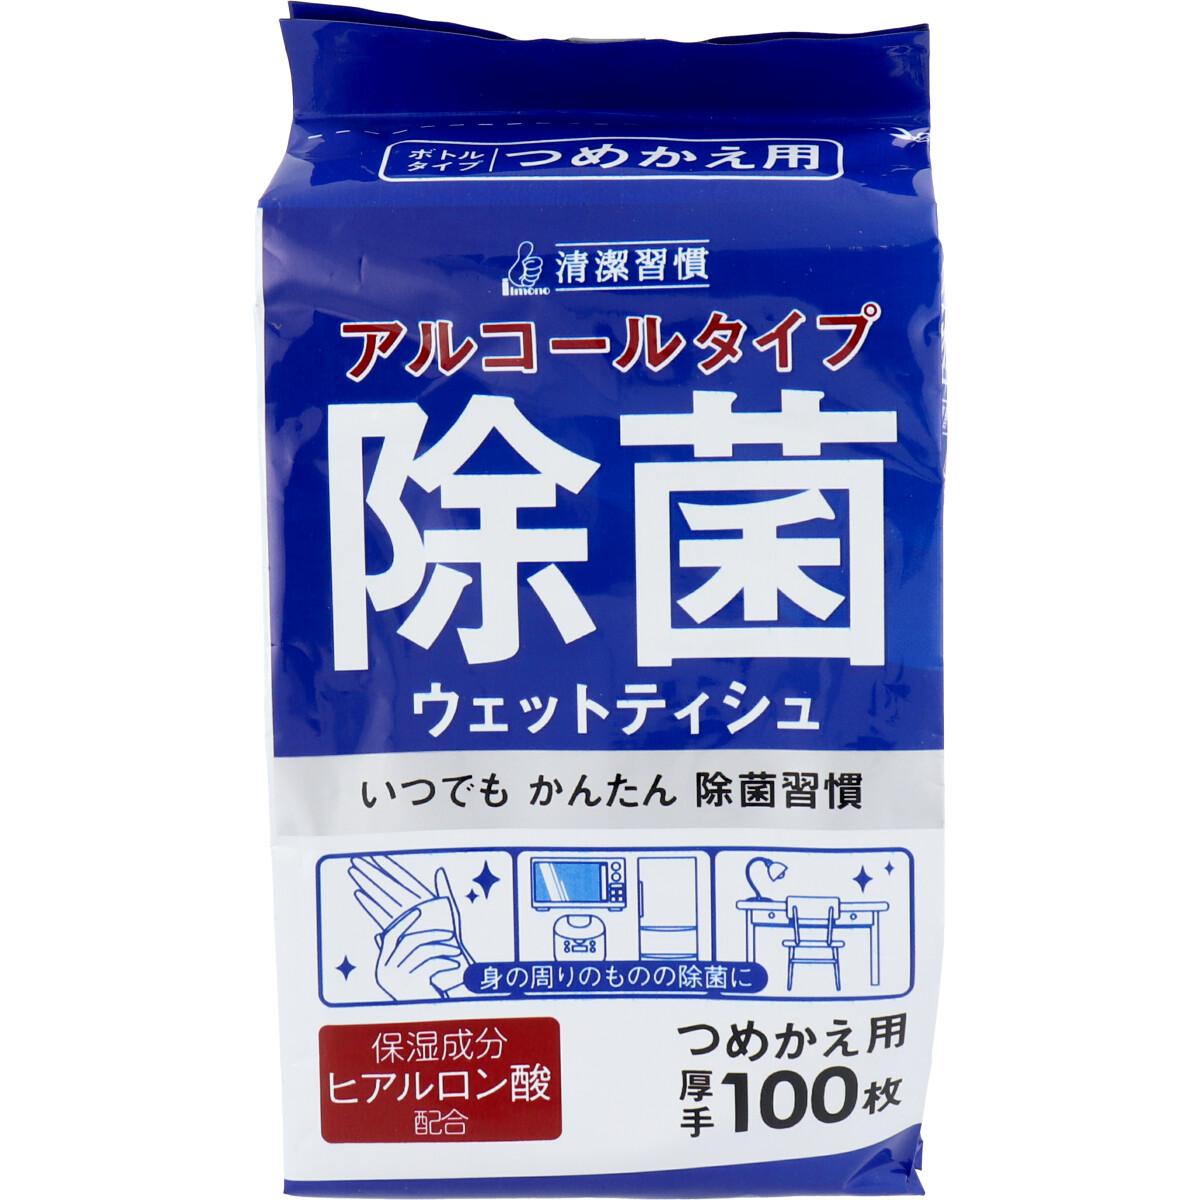 清潔習慣 アルコールタイプ 除菌ウェットティシュ 詰替用 100枚入